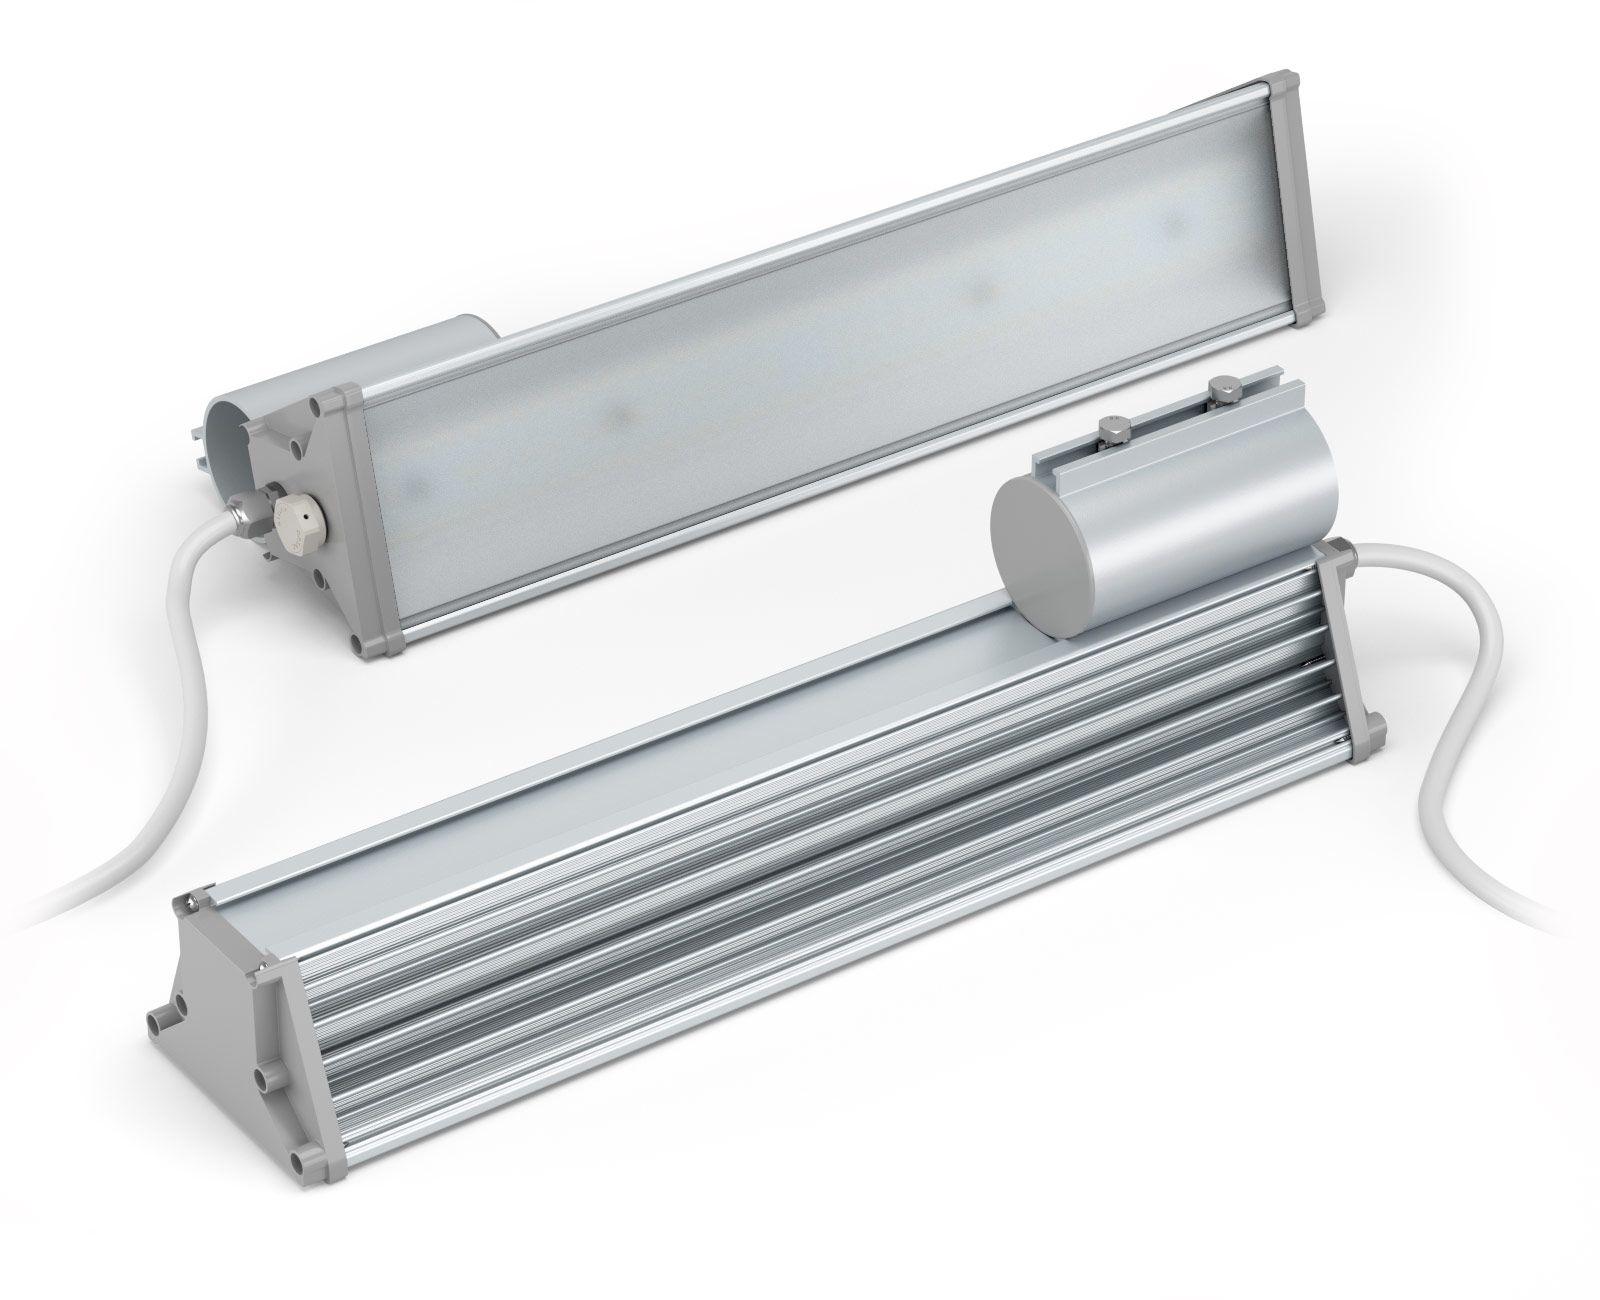 Промышленный светильник LuxON Promline 100W, 100Вт, 11000лм, 5000К, 220VAC, IP65